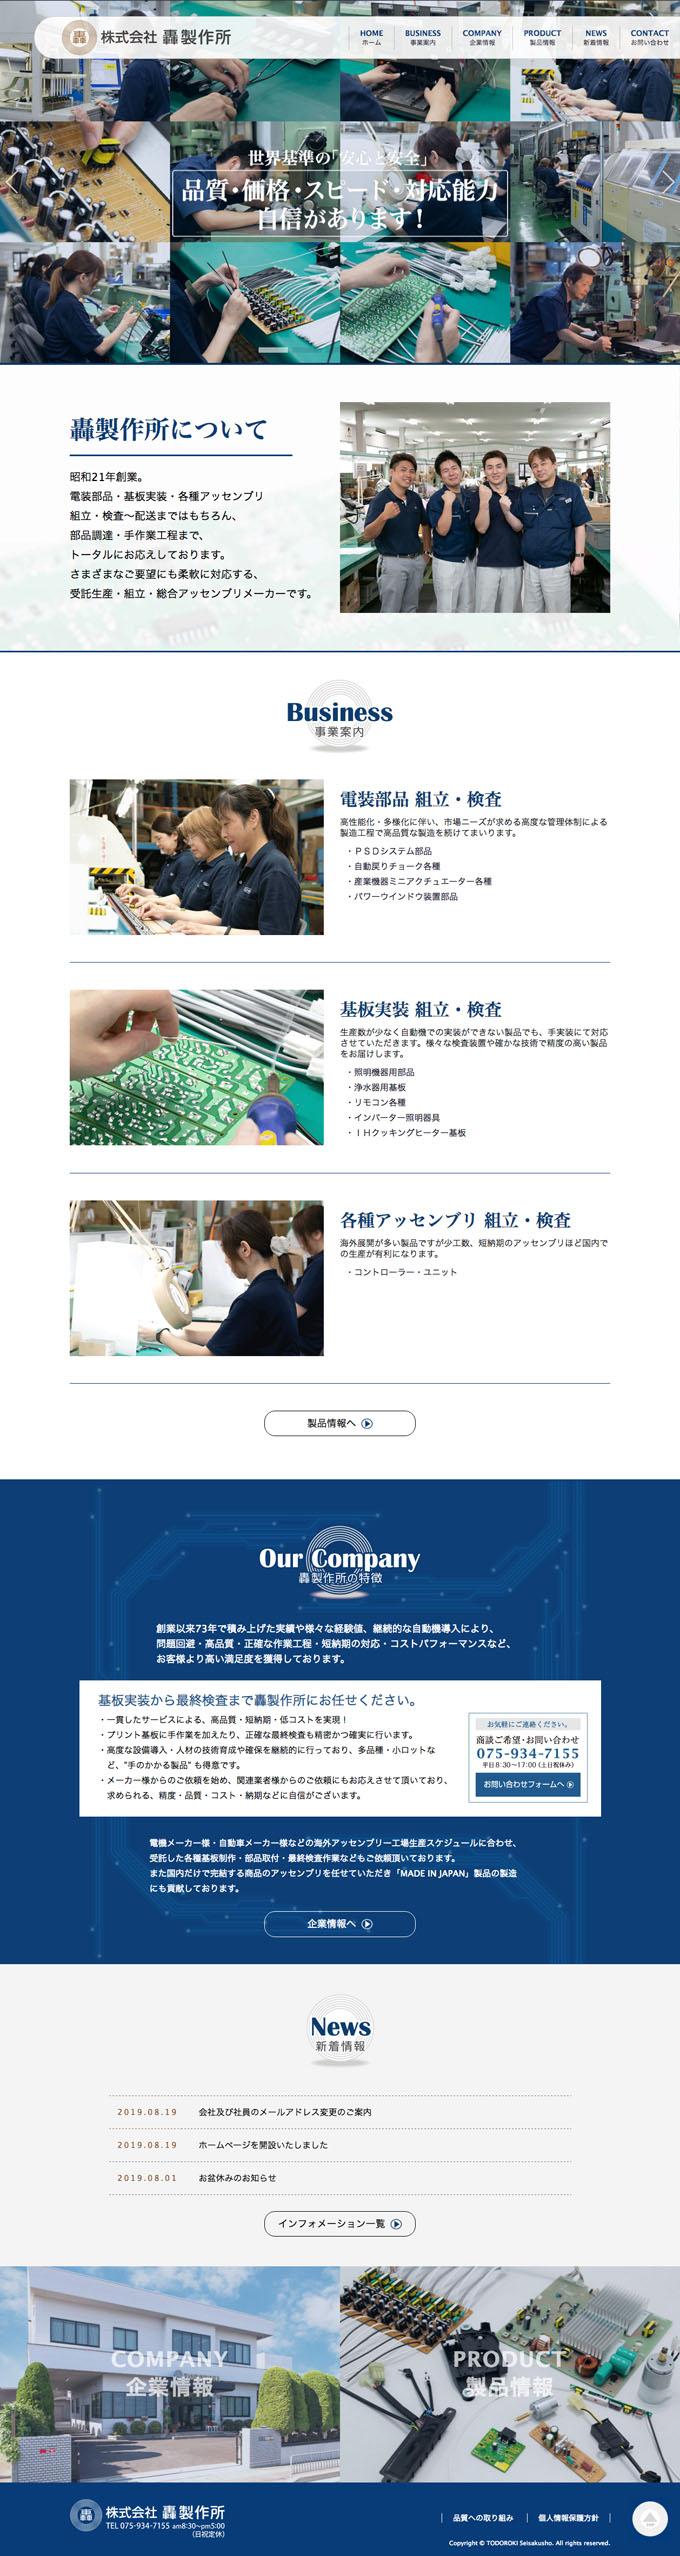 京料理 藤や様のホームページ